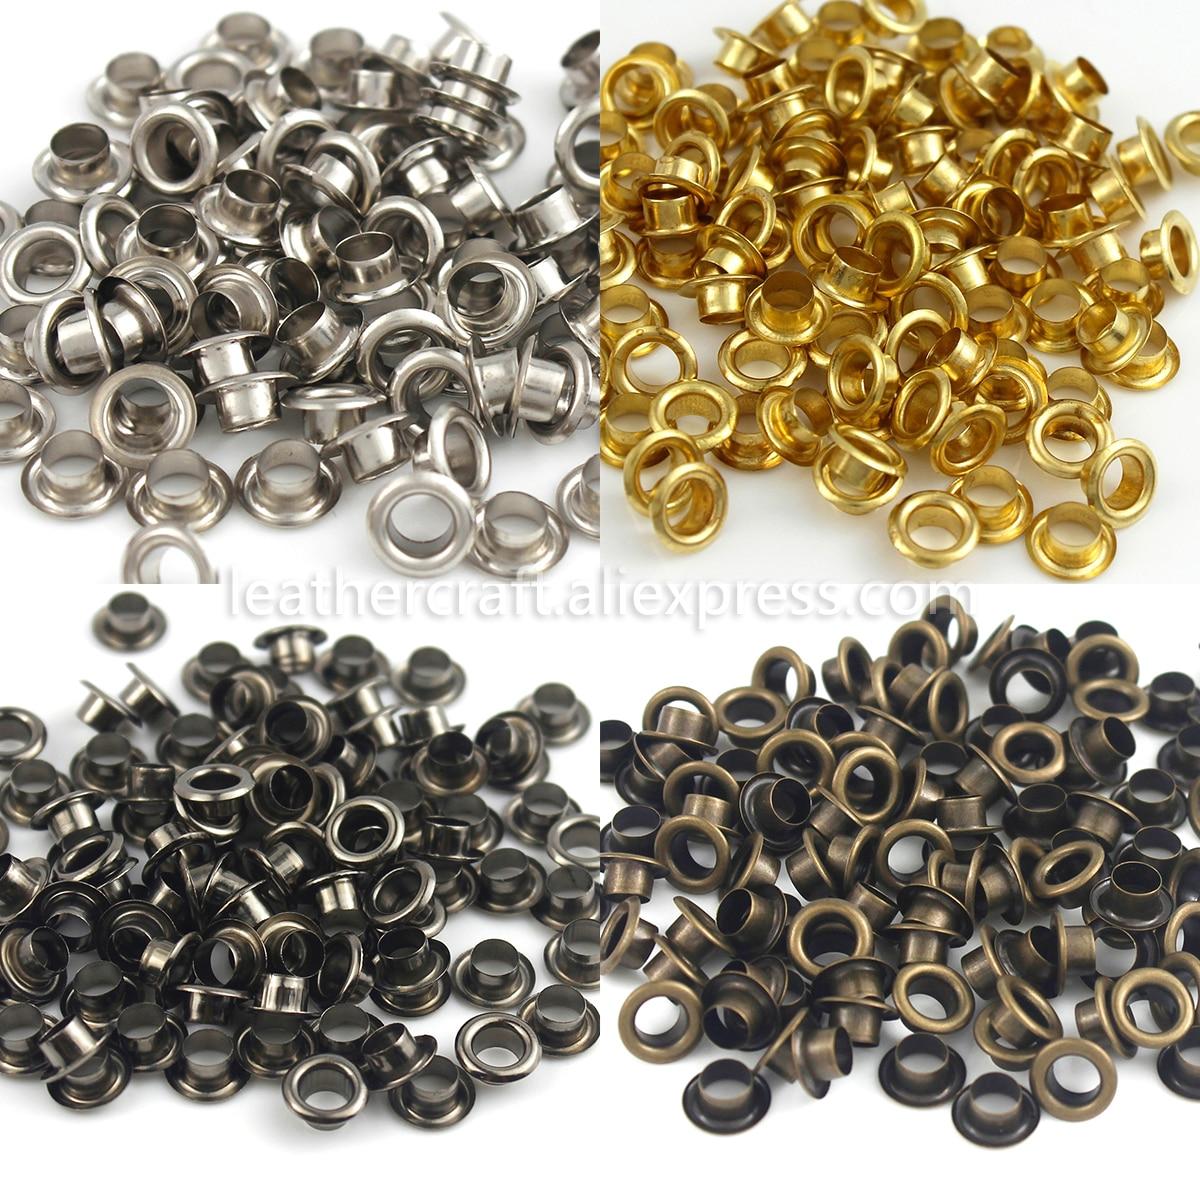 100 ensembles 4mm laiton oeillet avec rondelle en cuir artisanat réparation oeillet rond yeux anneaux pour chaussures sac vêtements en cuir ceinture chapeau